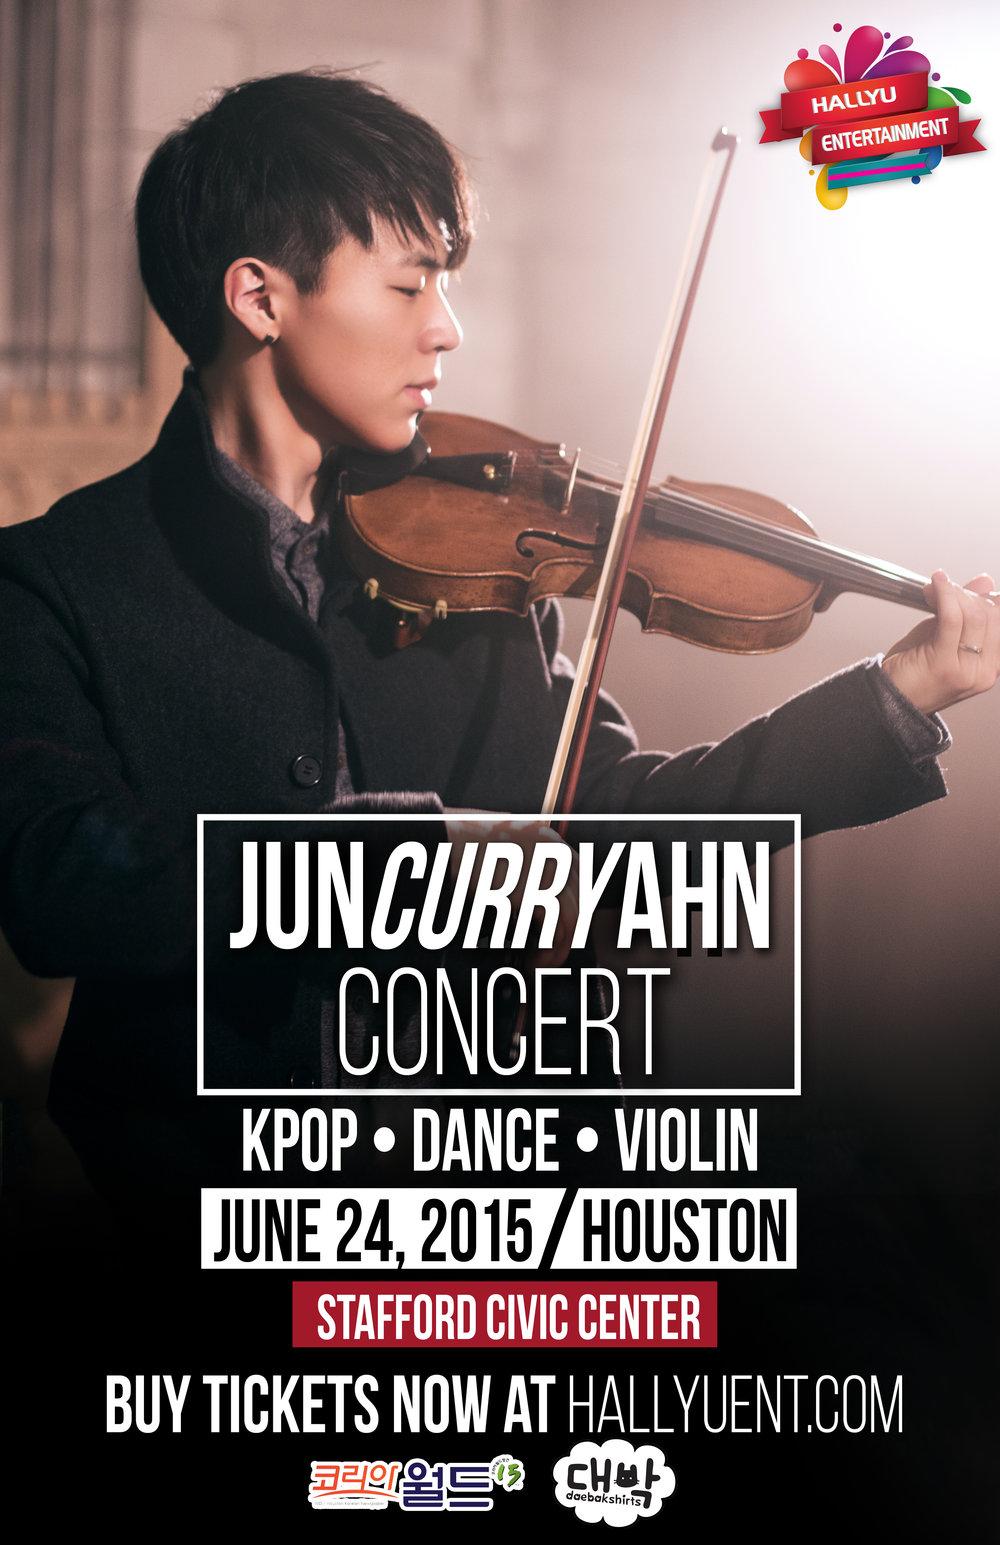 juncurryahn concert.jpg